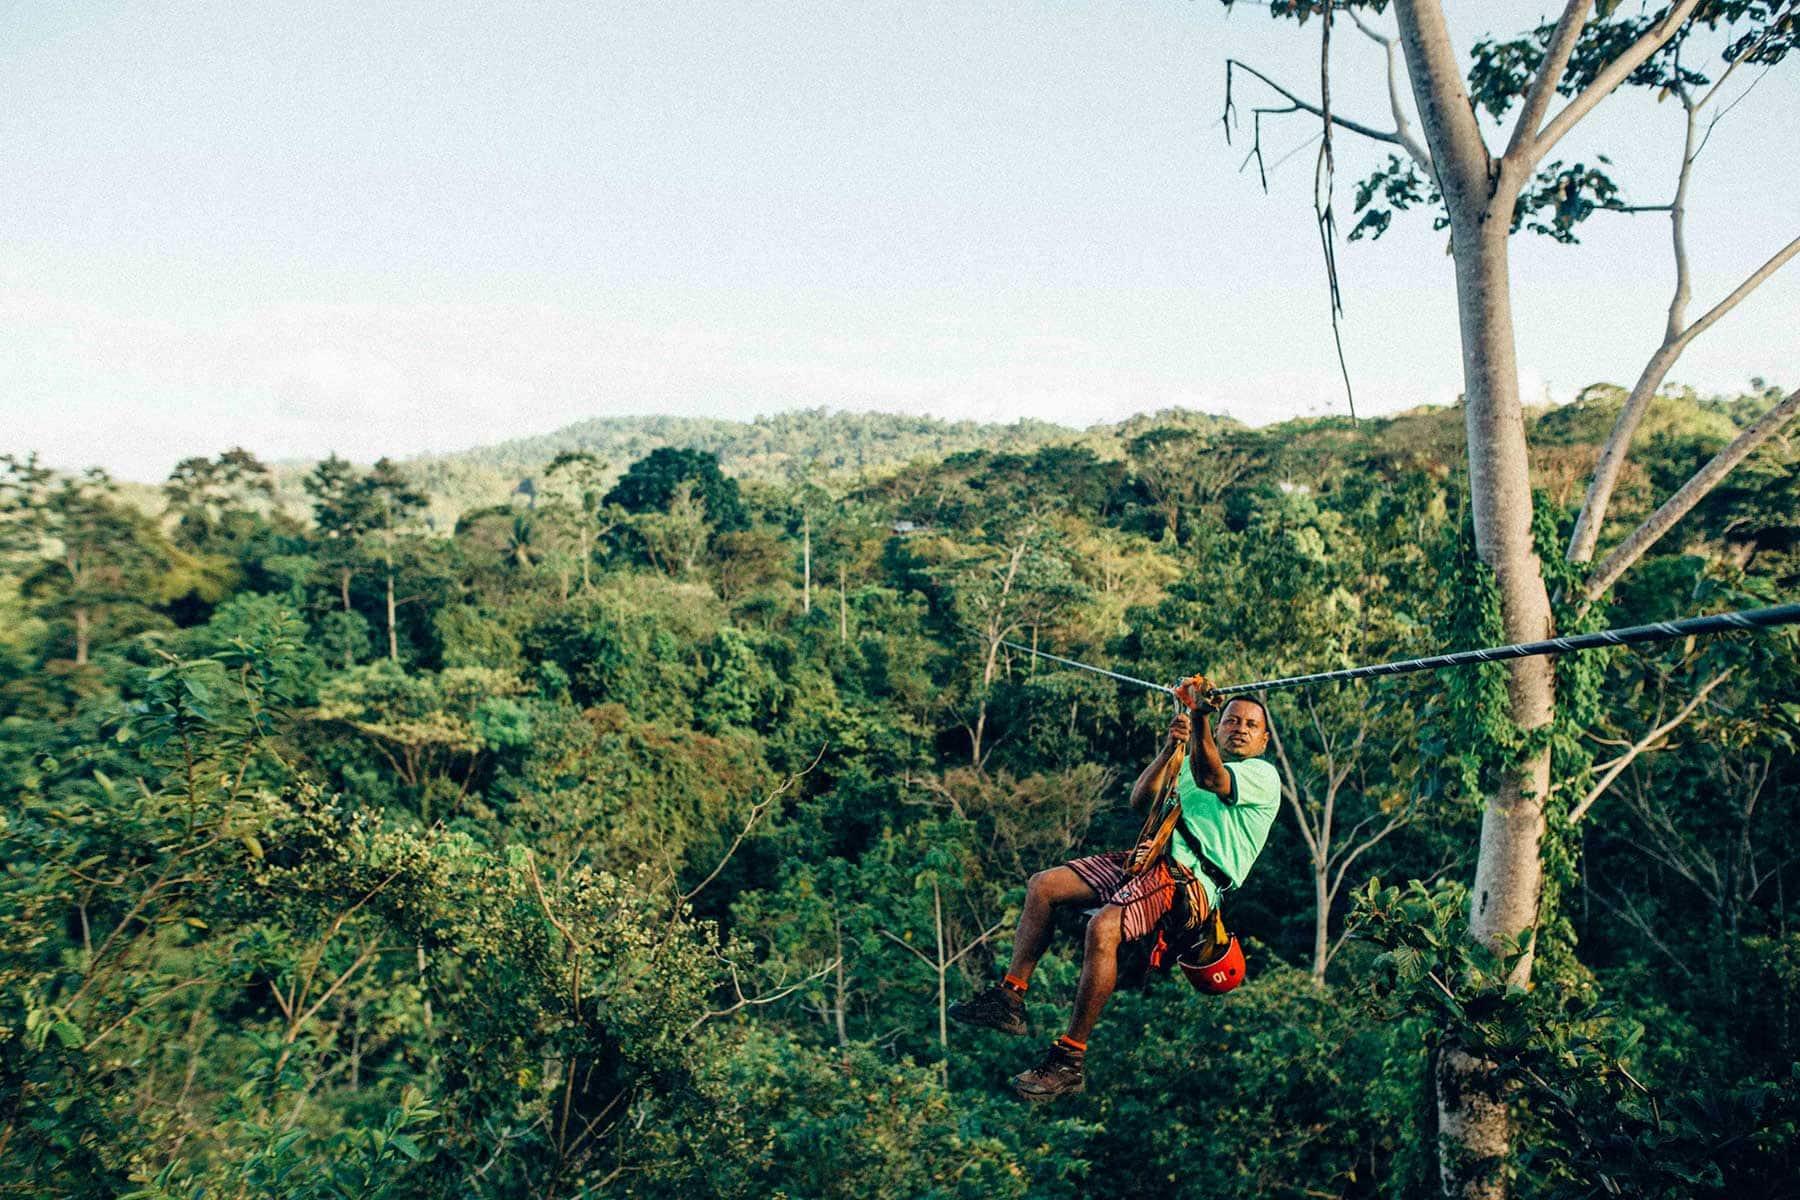 Resor-till-Costa-Rica-med-Nygren-&-Lind-Resebyrå--zipline